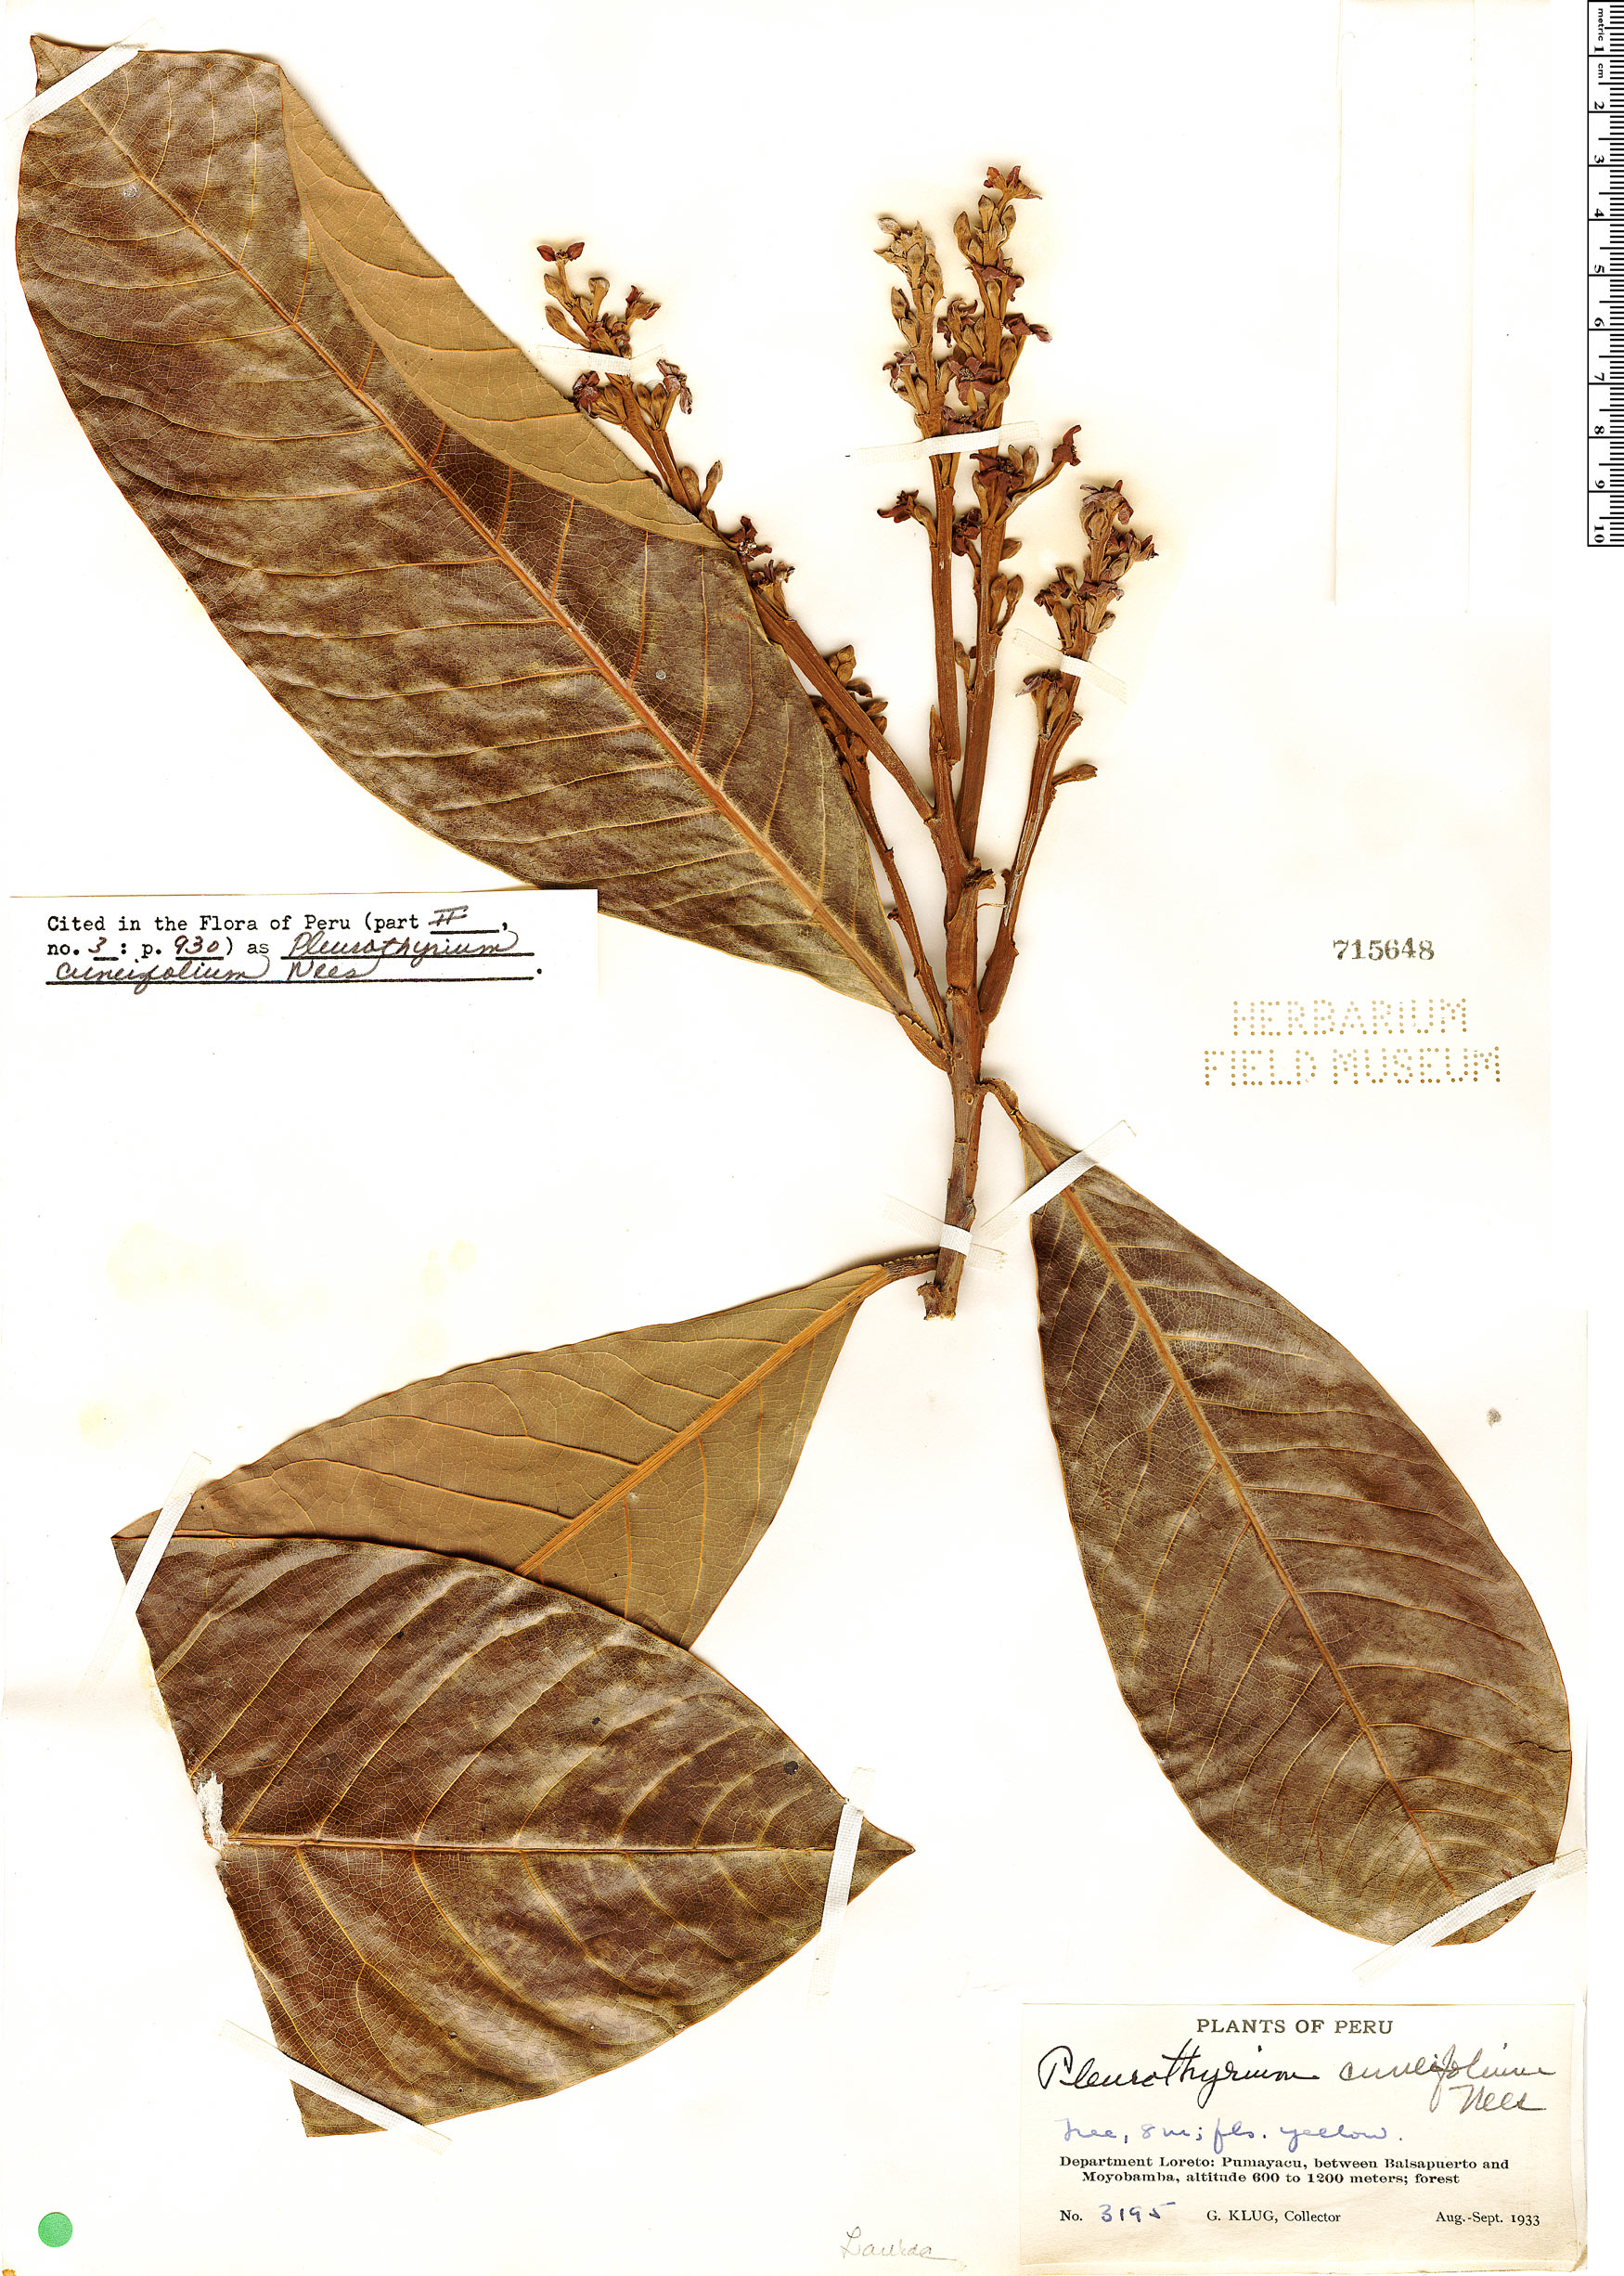 Specimen: Pleurothyrium cuneifolium